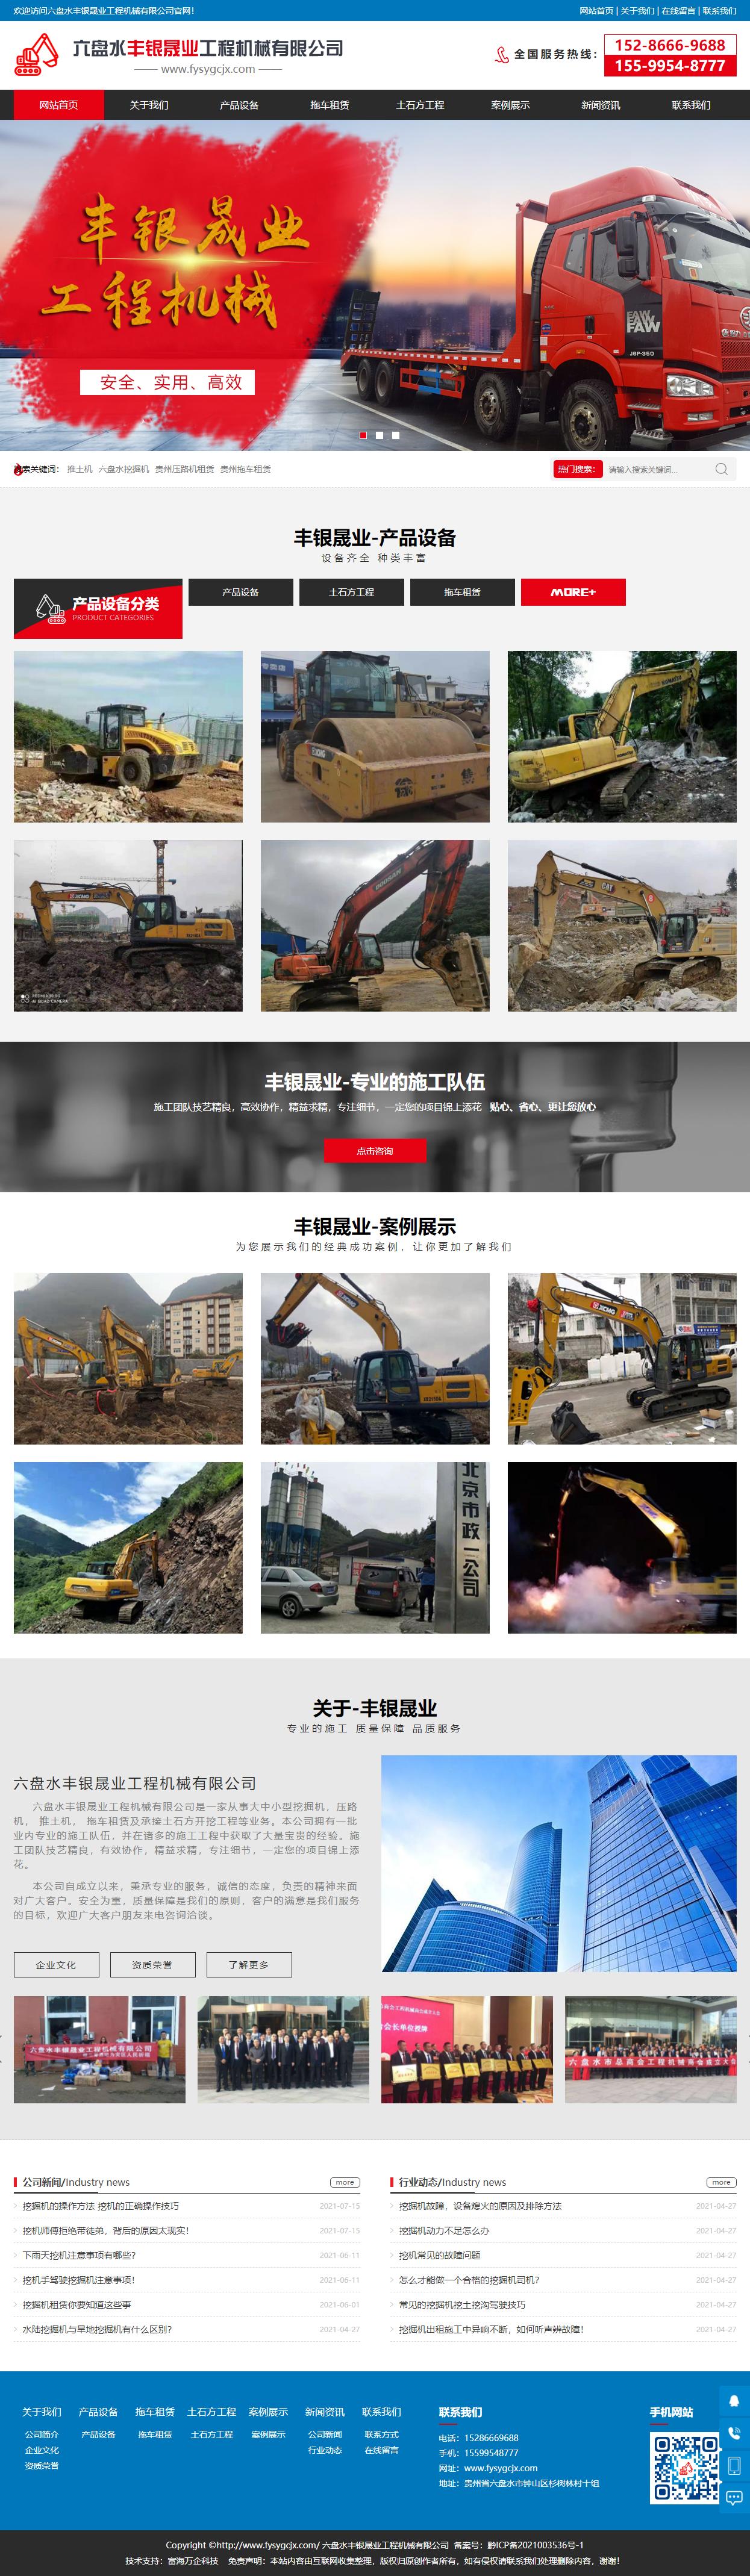 六盘水丰银晟业工程机械有限公司网站案例